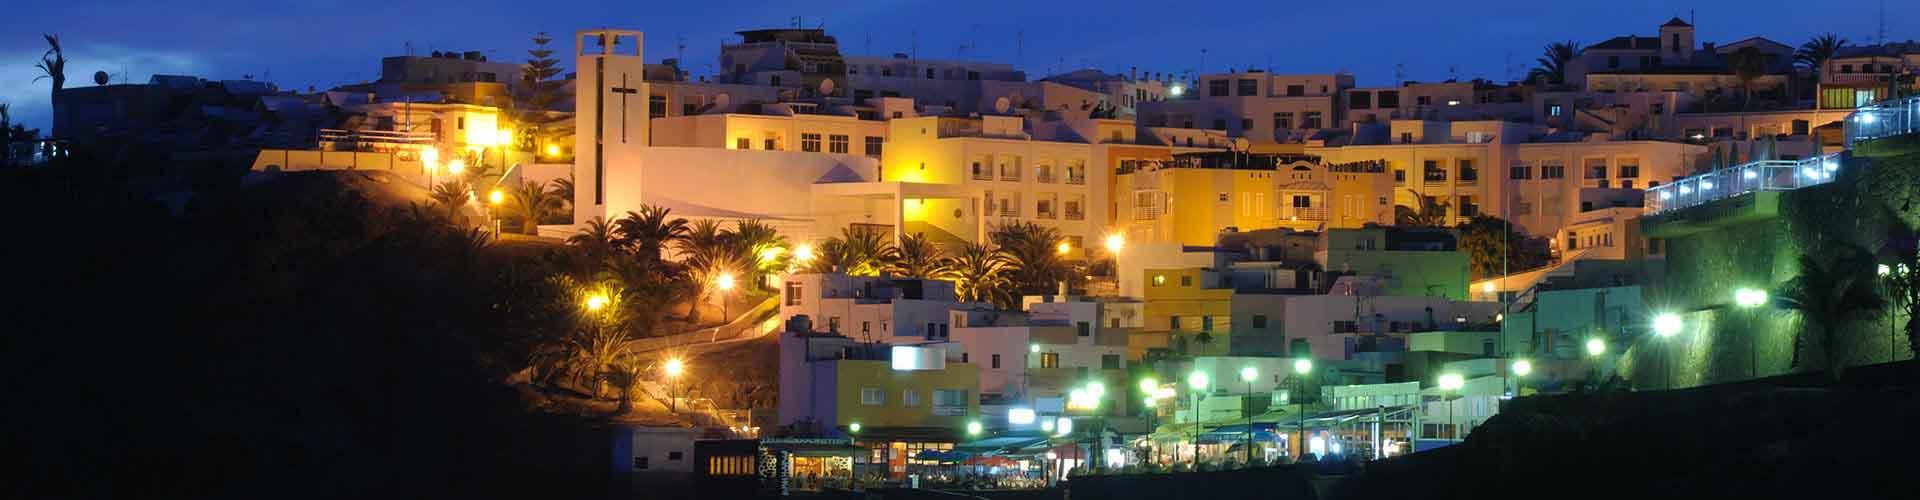 Fuerteventura - Chambres à Fuerteventura. Cartes pour Fuerteventura, photos et commentaires pour chaque chambre à Fuerteventura.